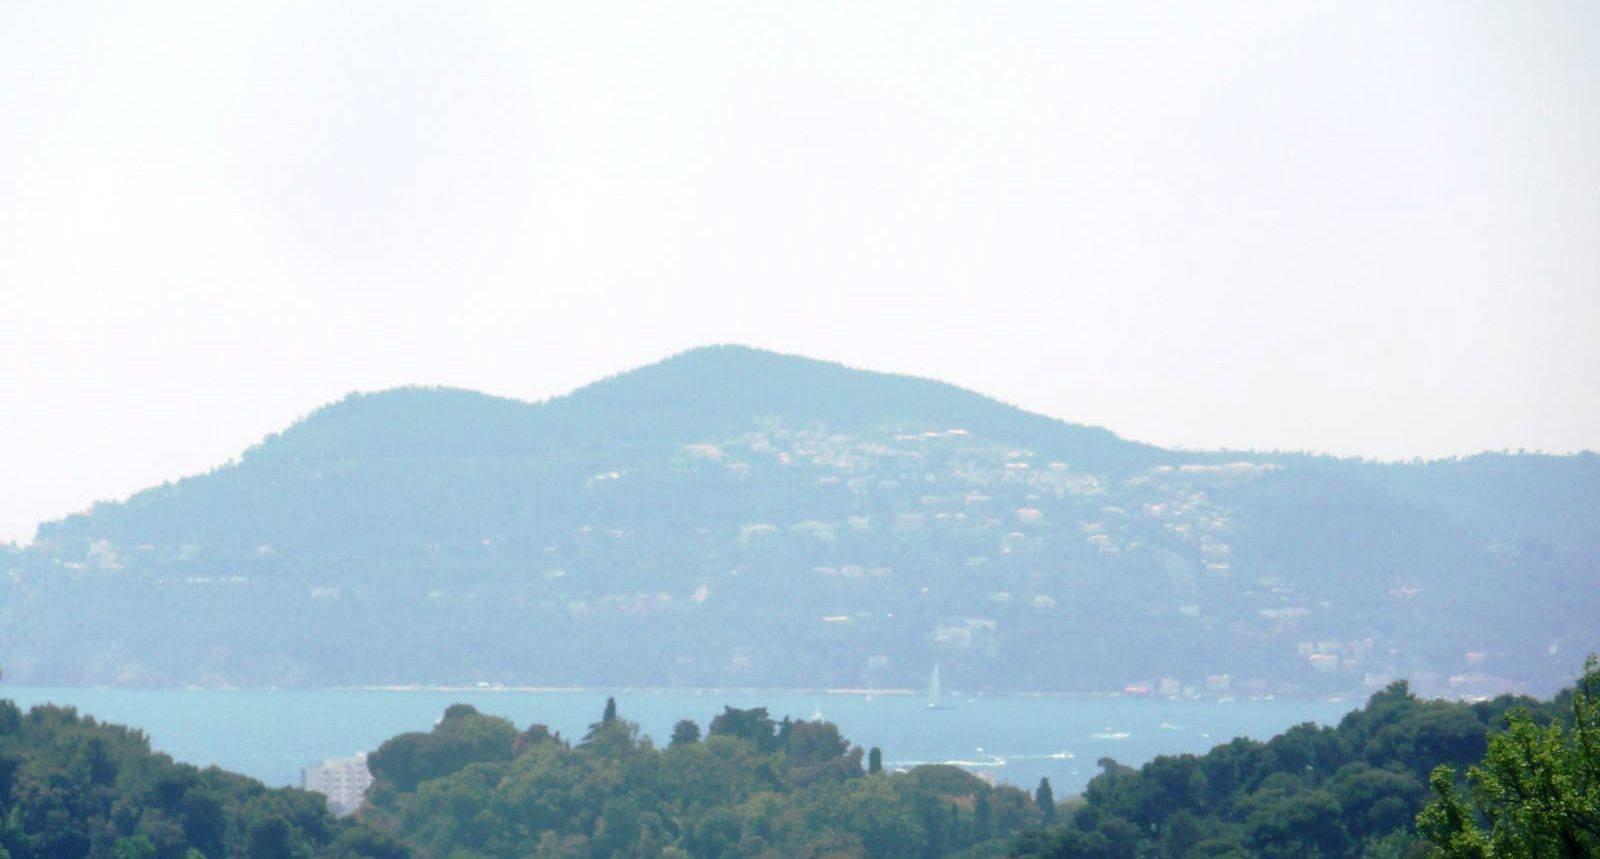 Achat / Vente terrain   Mougins  37500m2 Unique